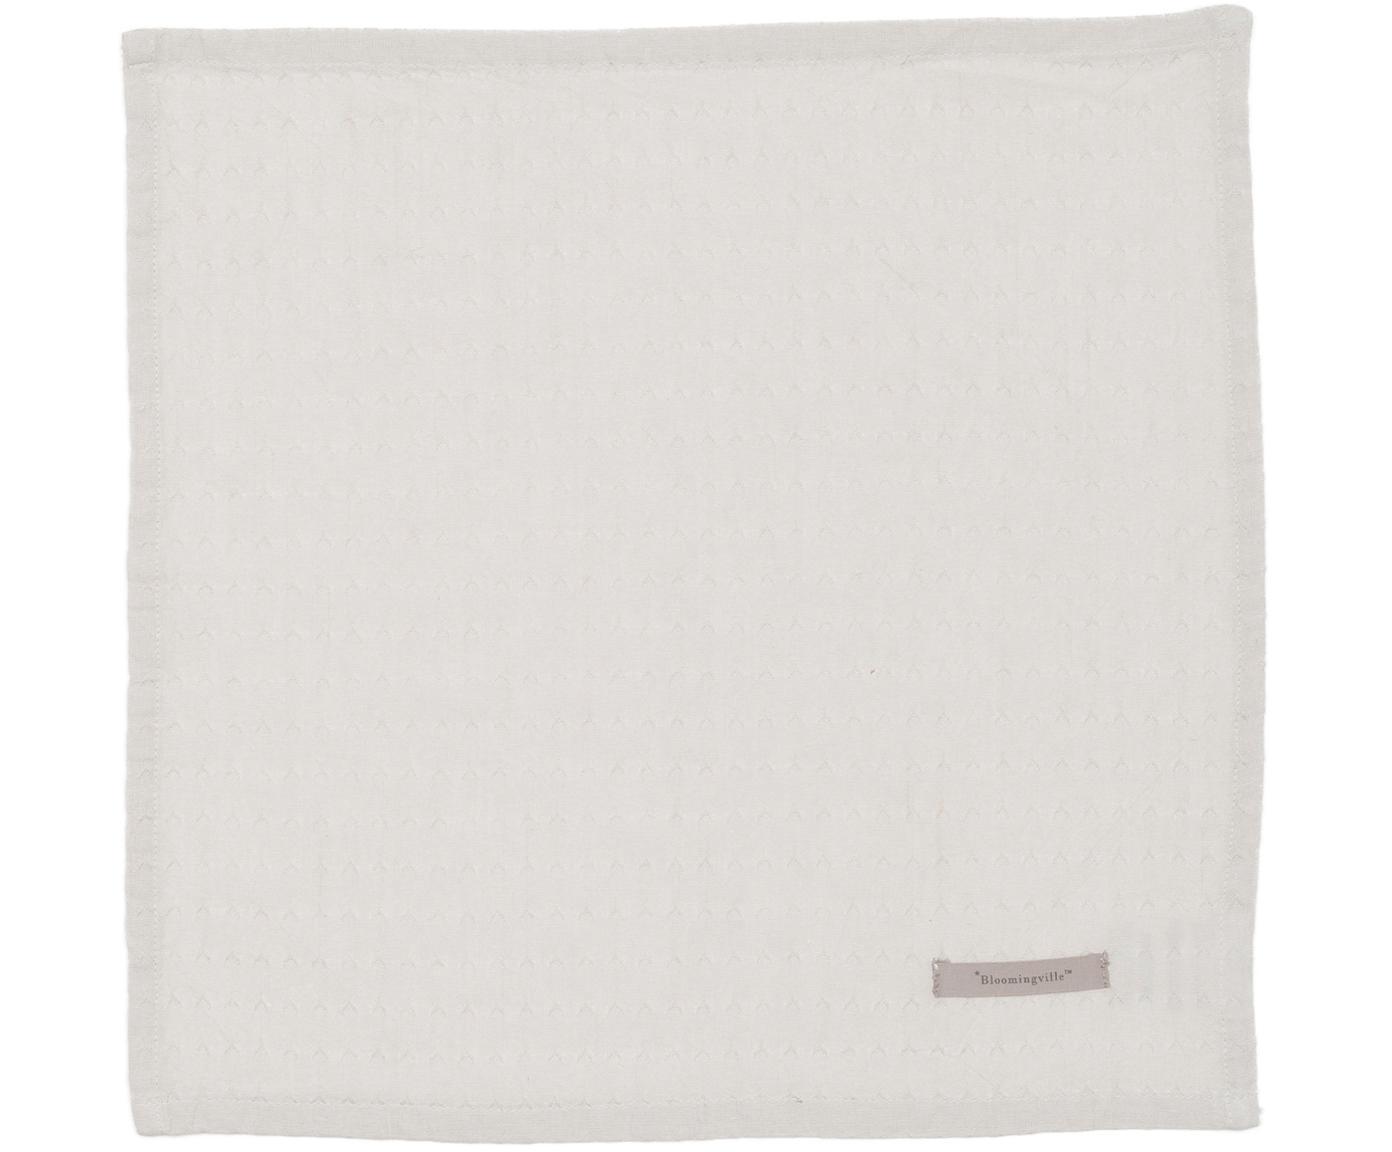 Serwetka z bawełny Blanc, 4 szt., Bawełna, Szary kamienny, S 40 x D 40 cm